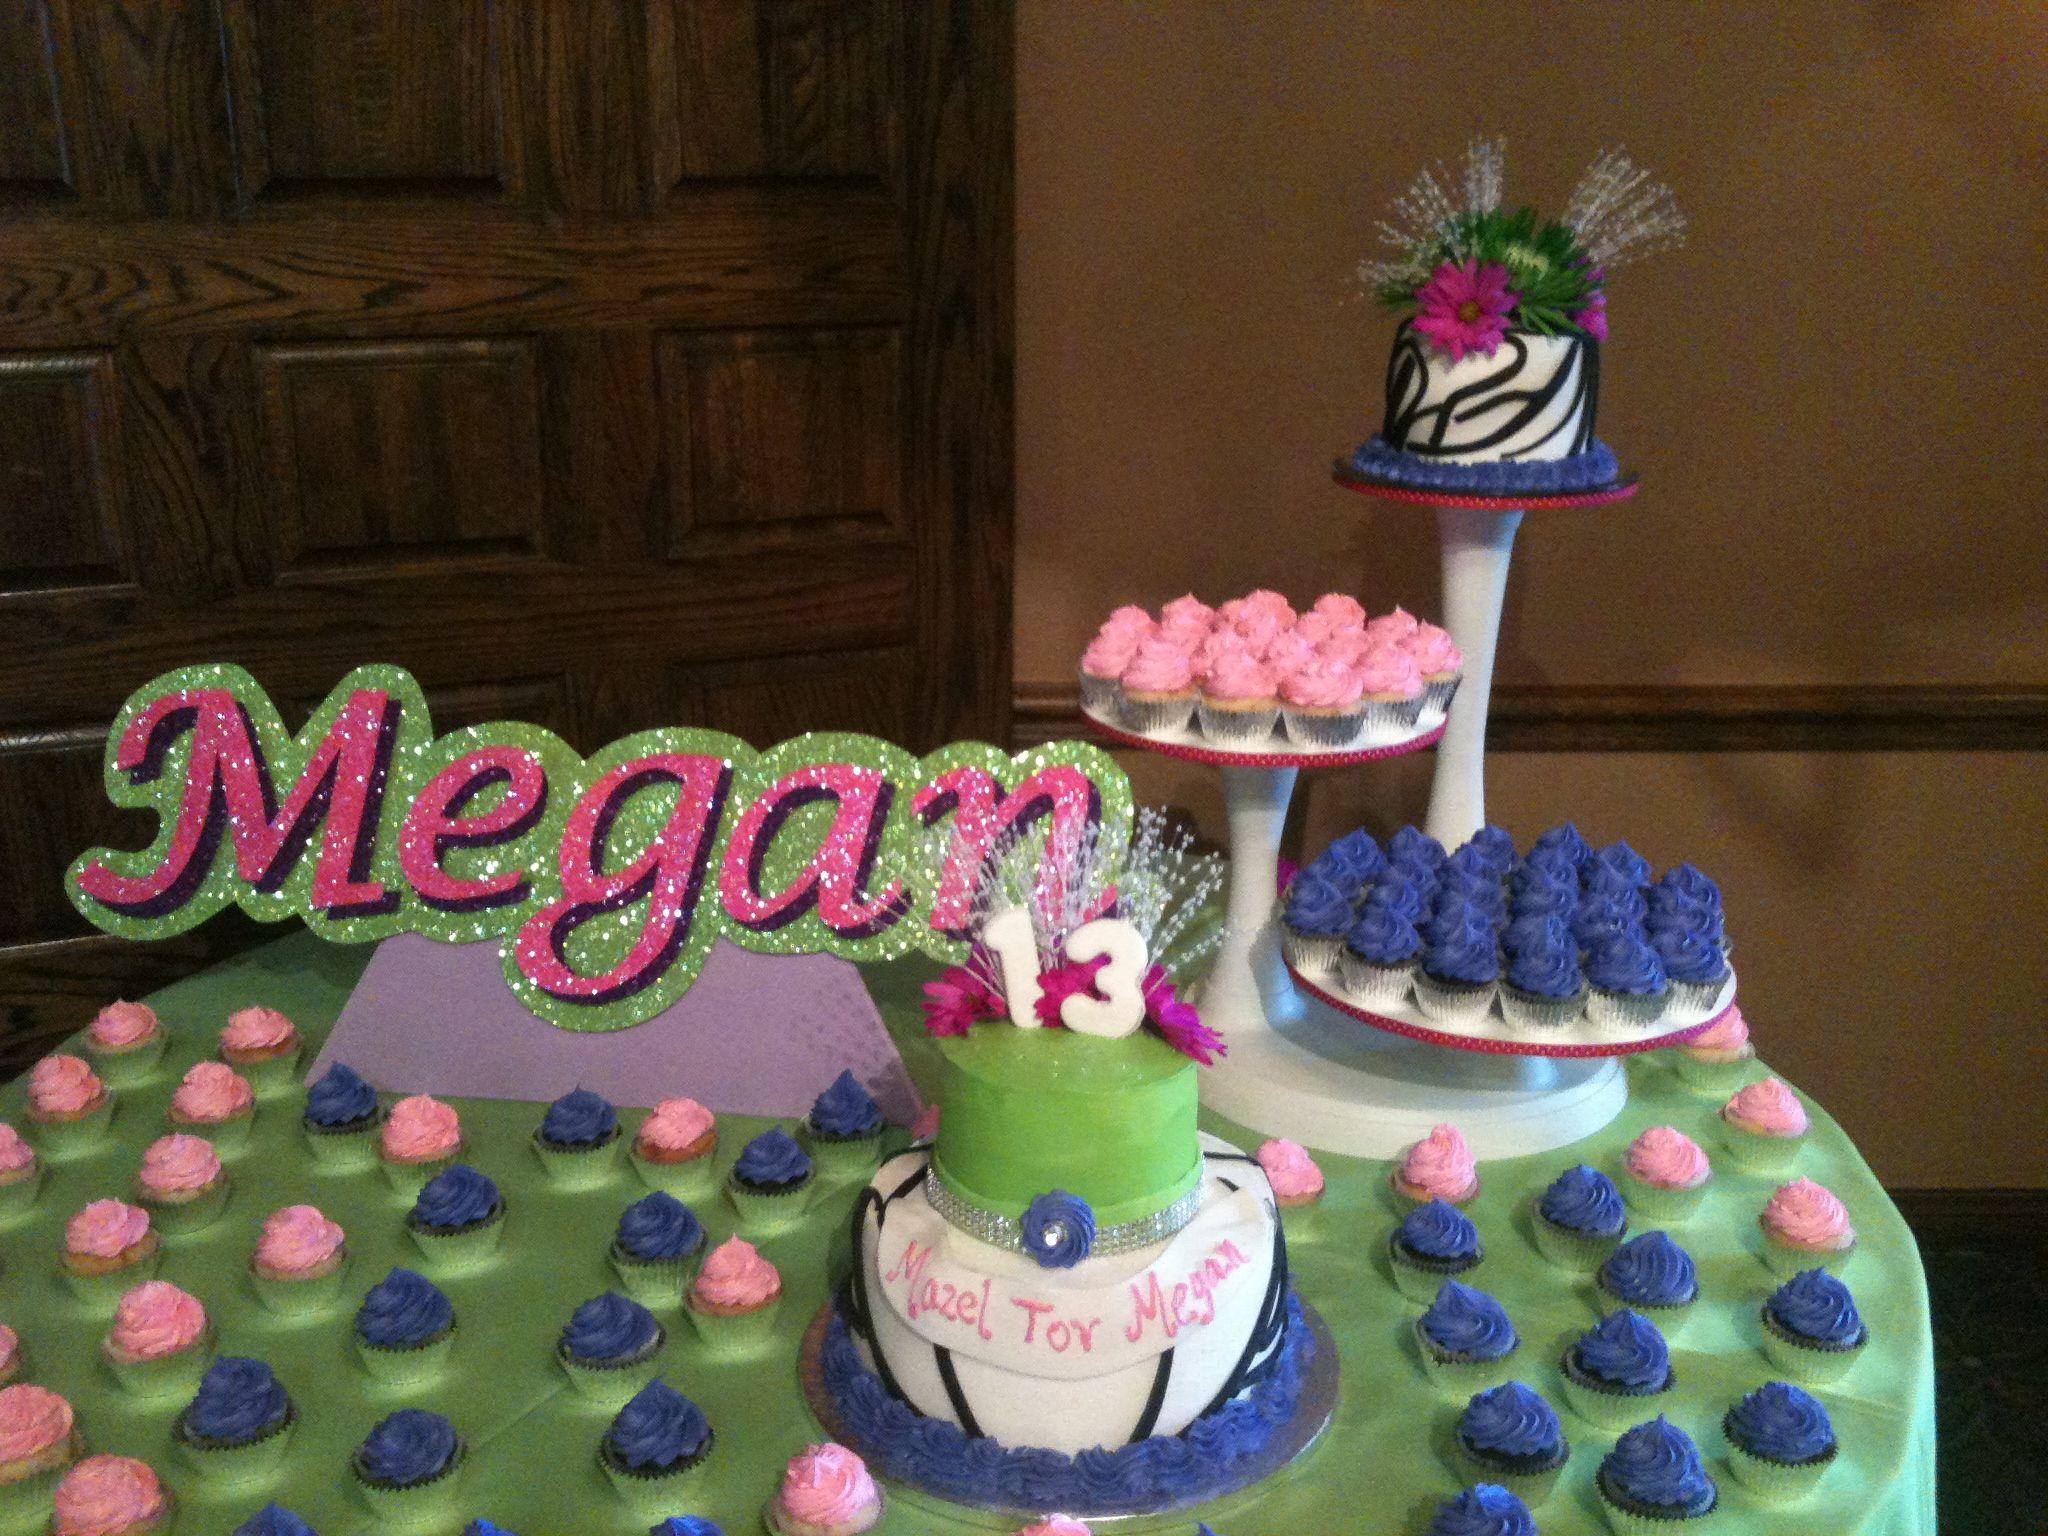 Megans Cupcake Cake Display Triflescakes Birthday Cakes